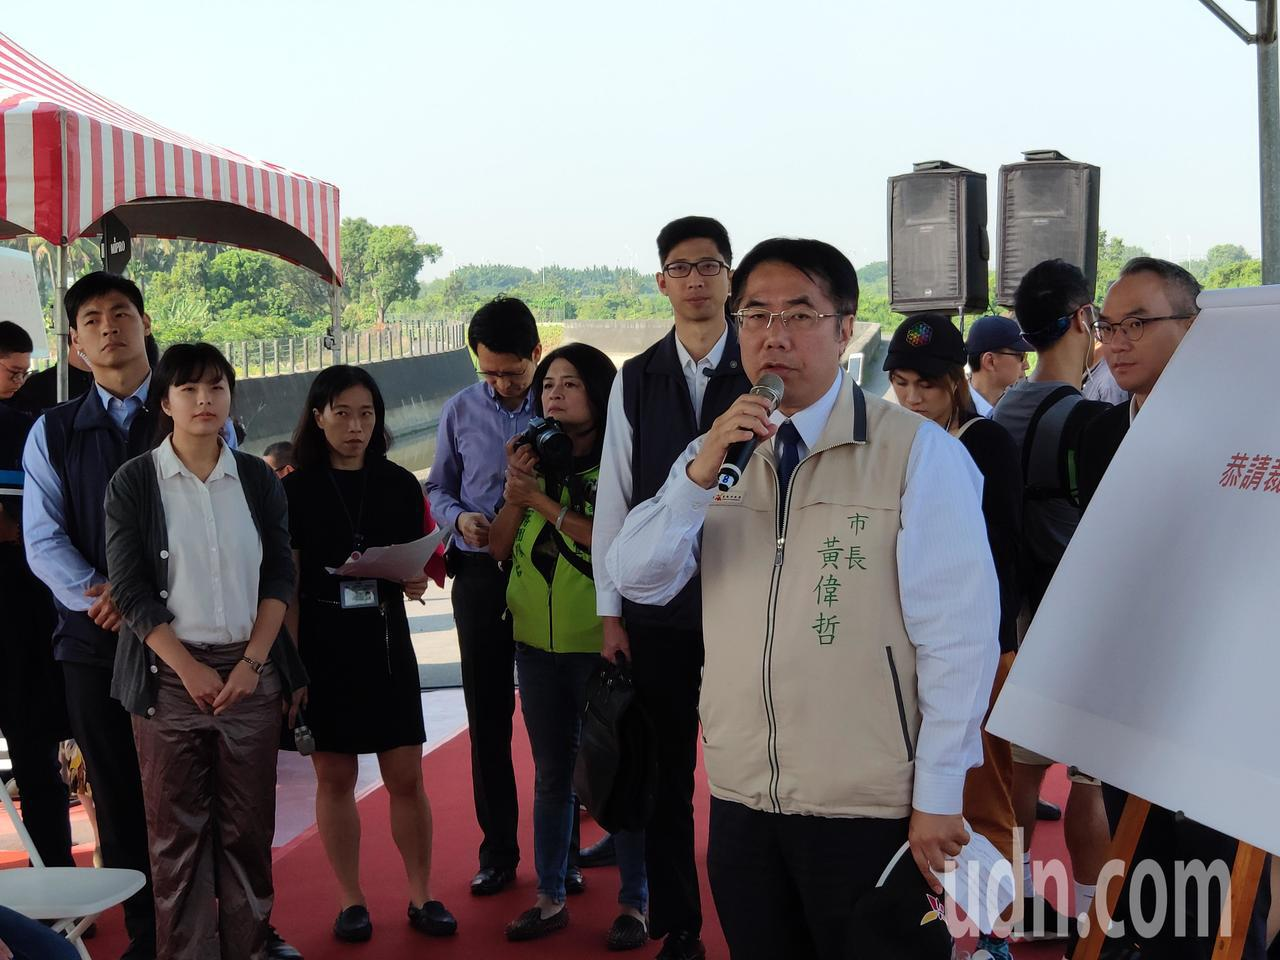 台南市長黃偉哲會中爭取南科三期開發加速。記者謝進盛/攝影